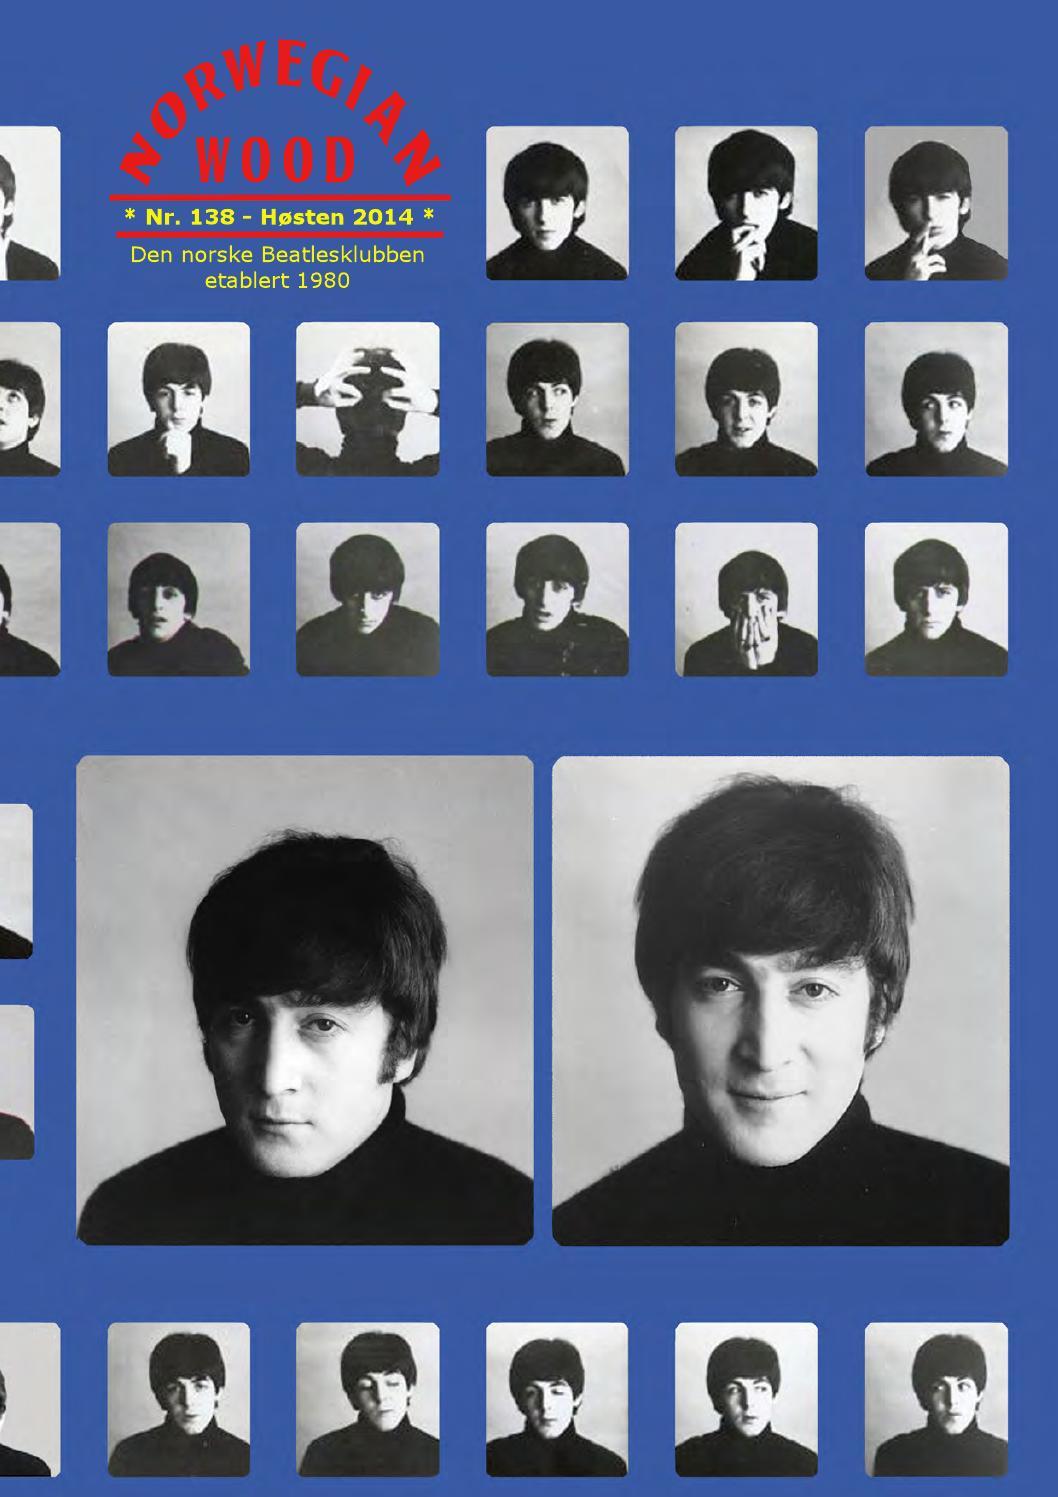 John Lennon kvinne singel vinyl Dating Sites for zombier